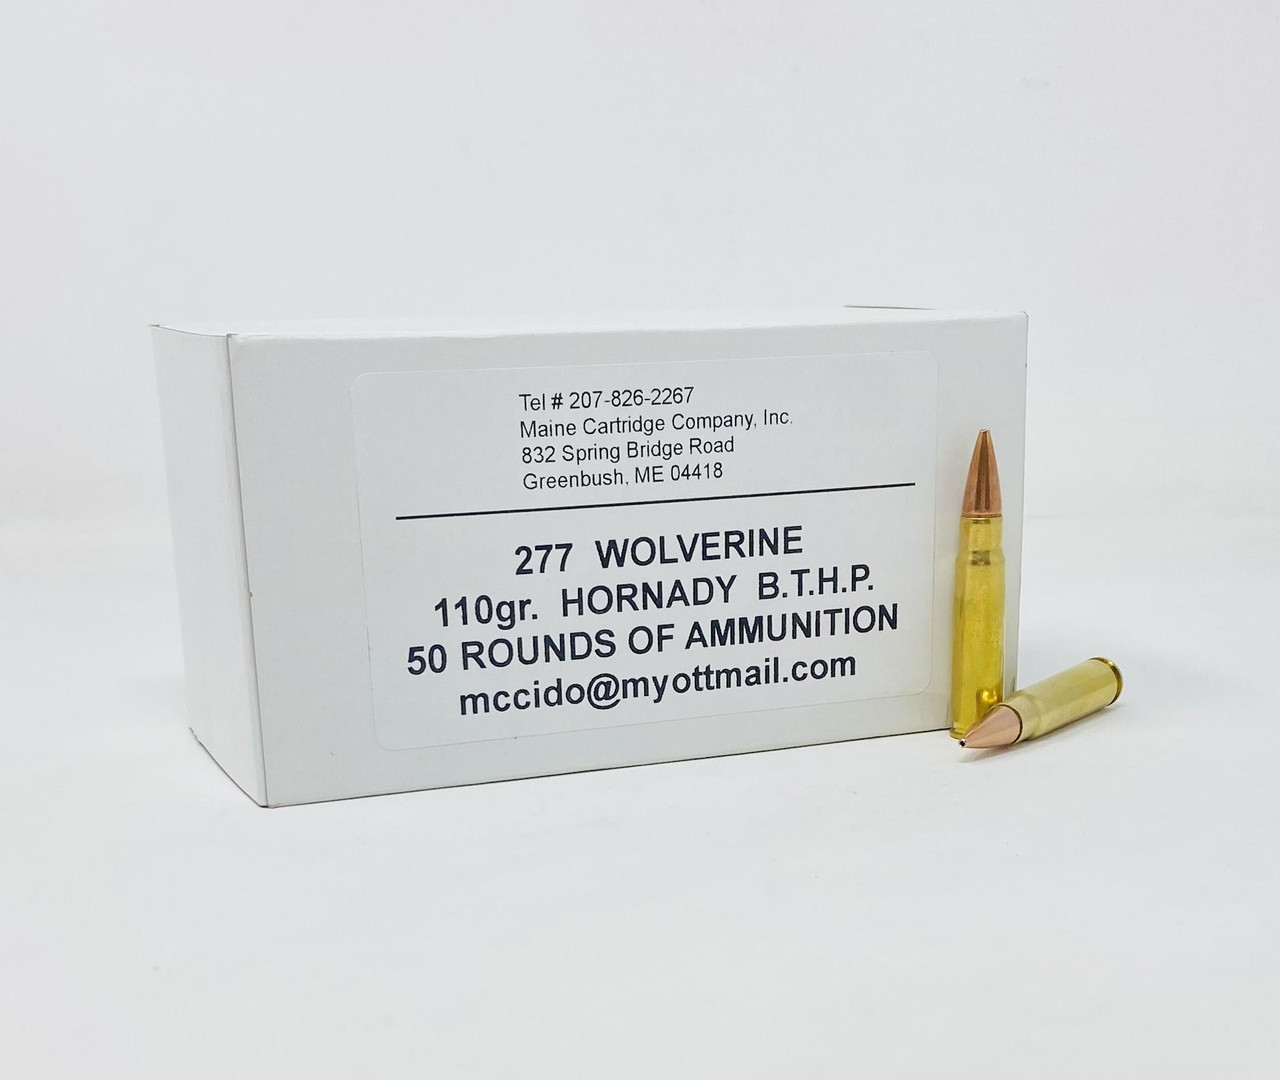 277 Wolverine